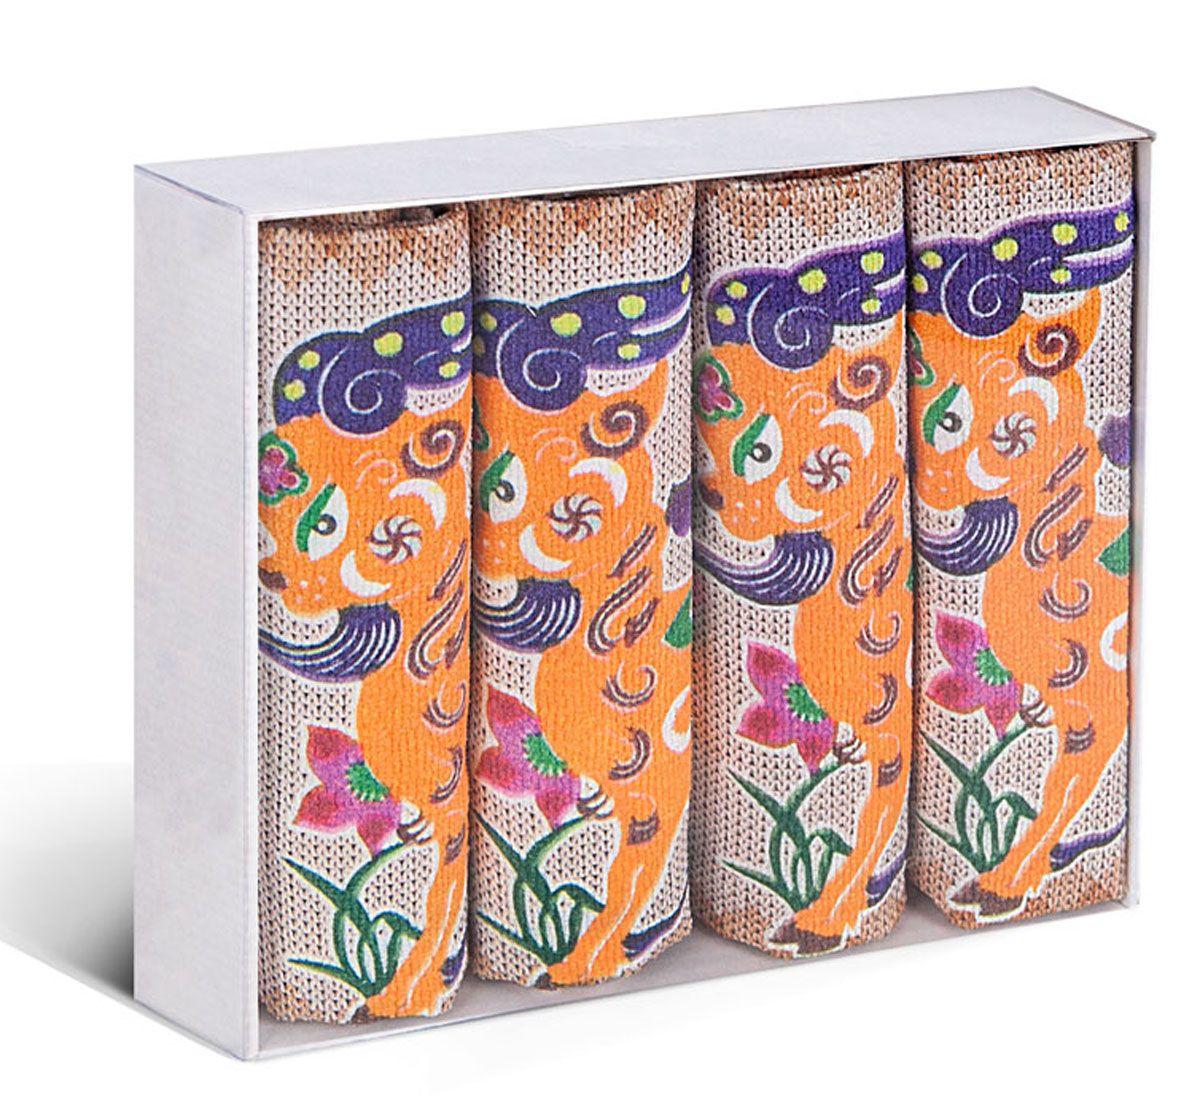 Набор кухонных полотенец Soavita, цвет: оранжевый, белый, 38 х 64 см, 4 шт78932Набор Soavita состоит из 4 вафельных полотенец. Изделия выполнены из микрофибры и оформлены яркими, оригинальными вышивками. Полотенца используются для протирки различных поверхностей, также широко применяются в быту. Такой набор станет отличным вариантом для практичной и современной хозяйки. Перед использованием постирать при температуре не выше 40 градусов.